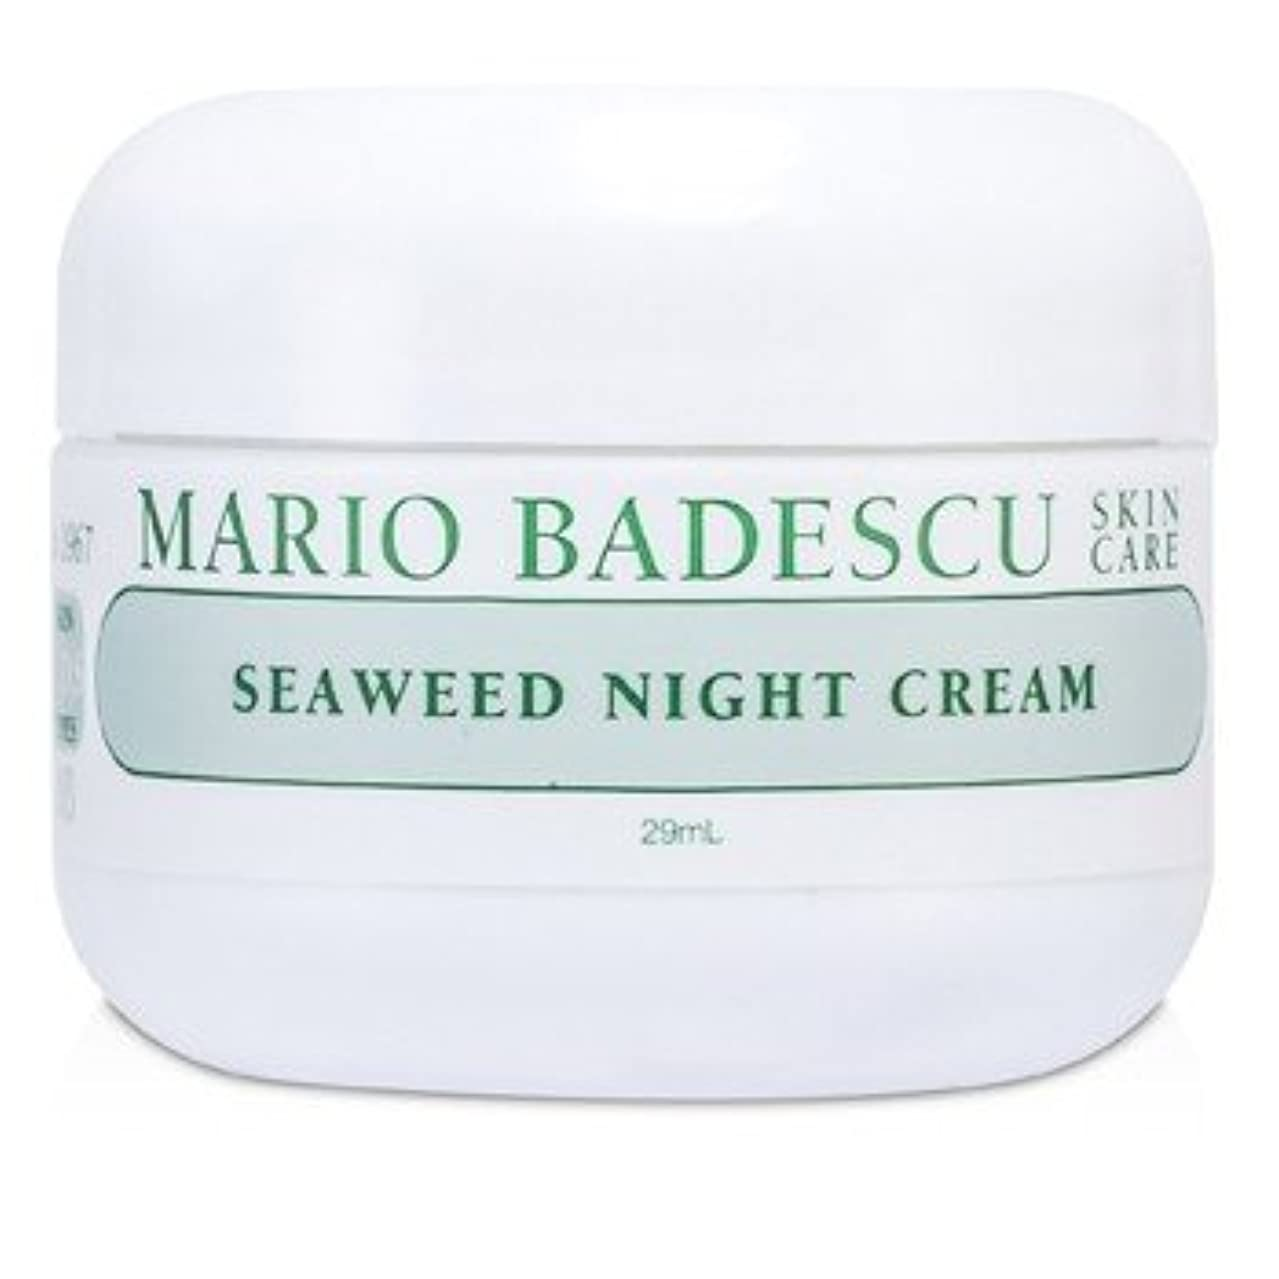 四回冒険者容量[Mario Badescu] Seaweed Night Cream - For Combination/ Oily/ Sensitive Skin Types 29ml/1oz